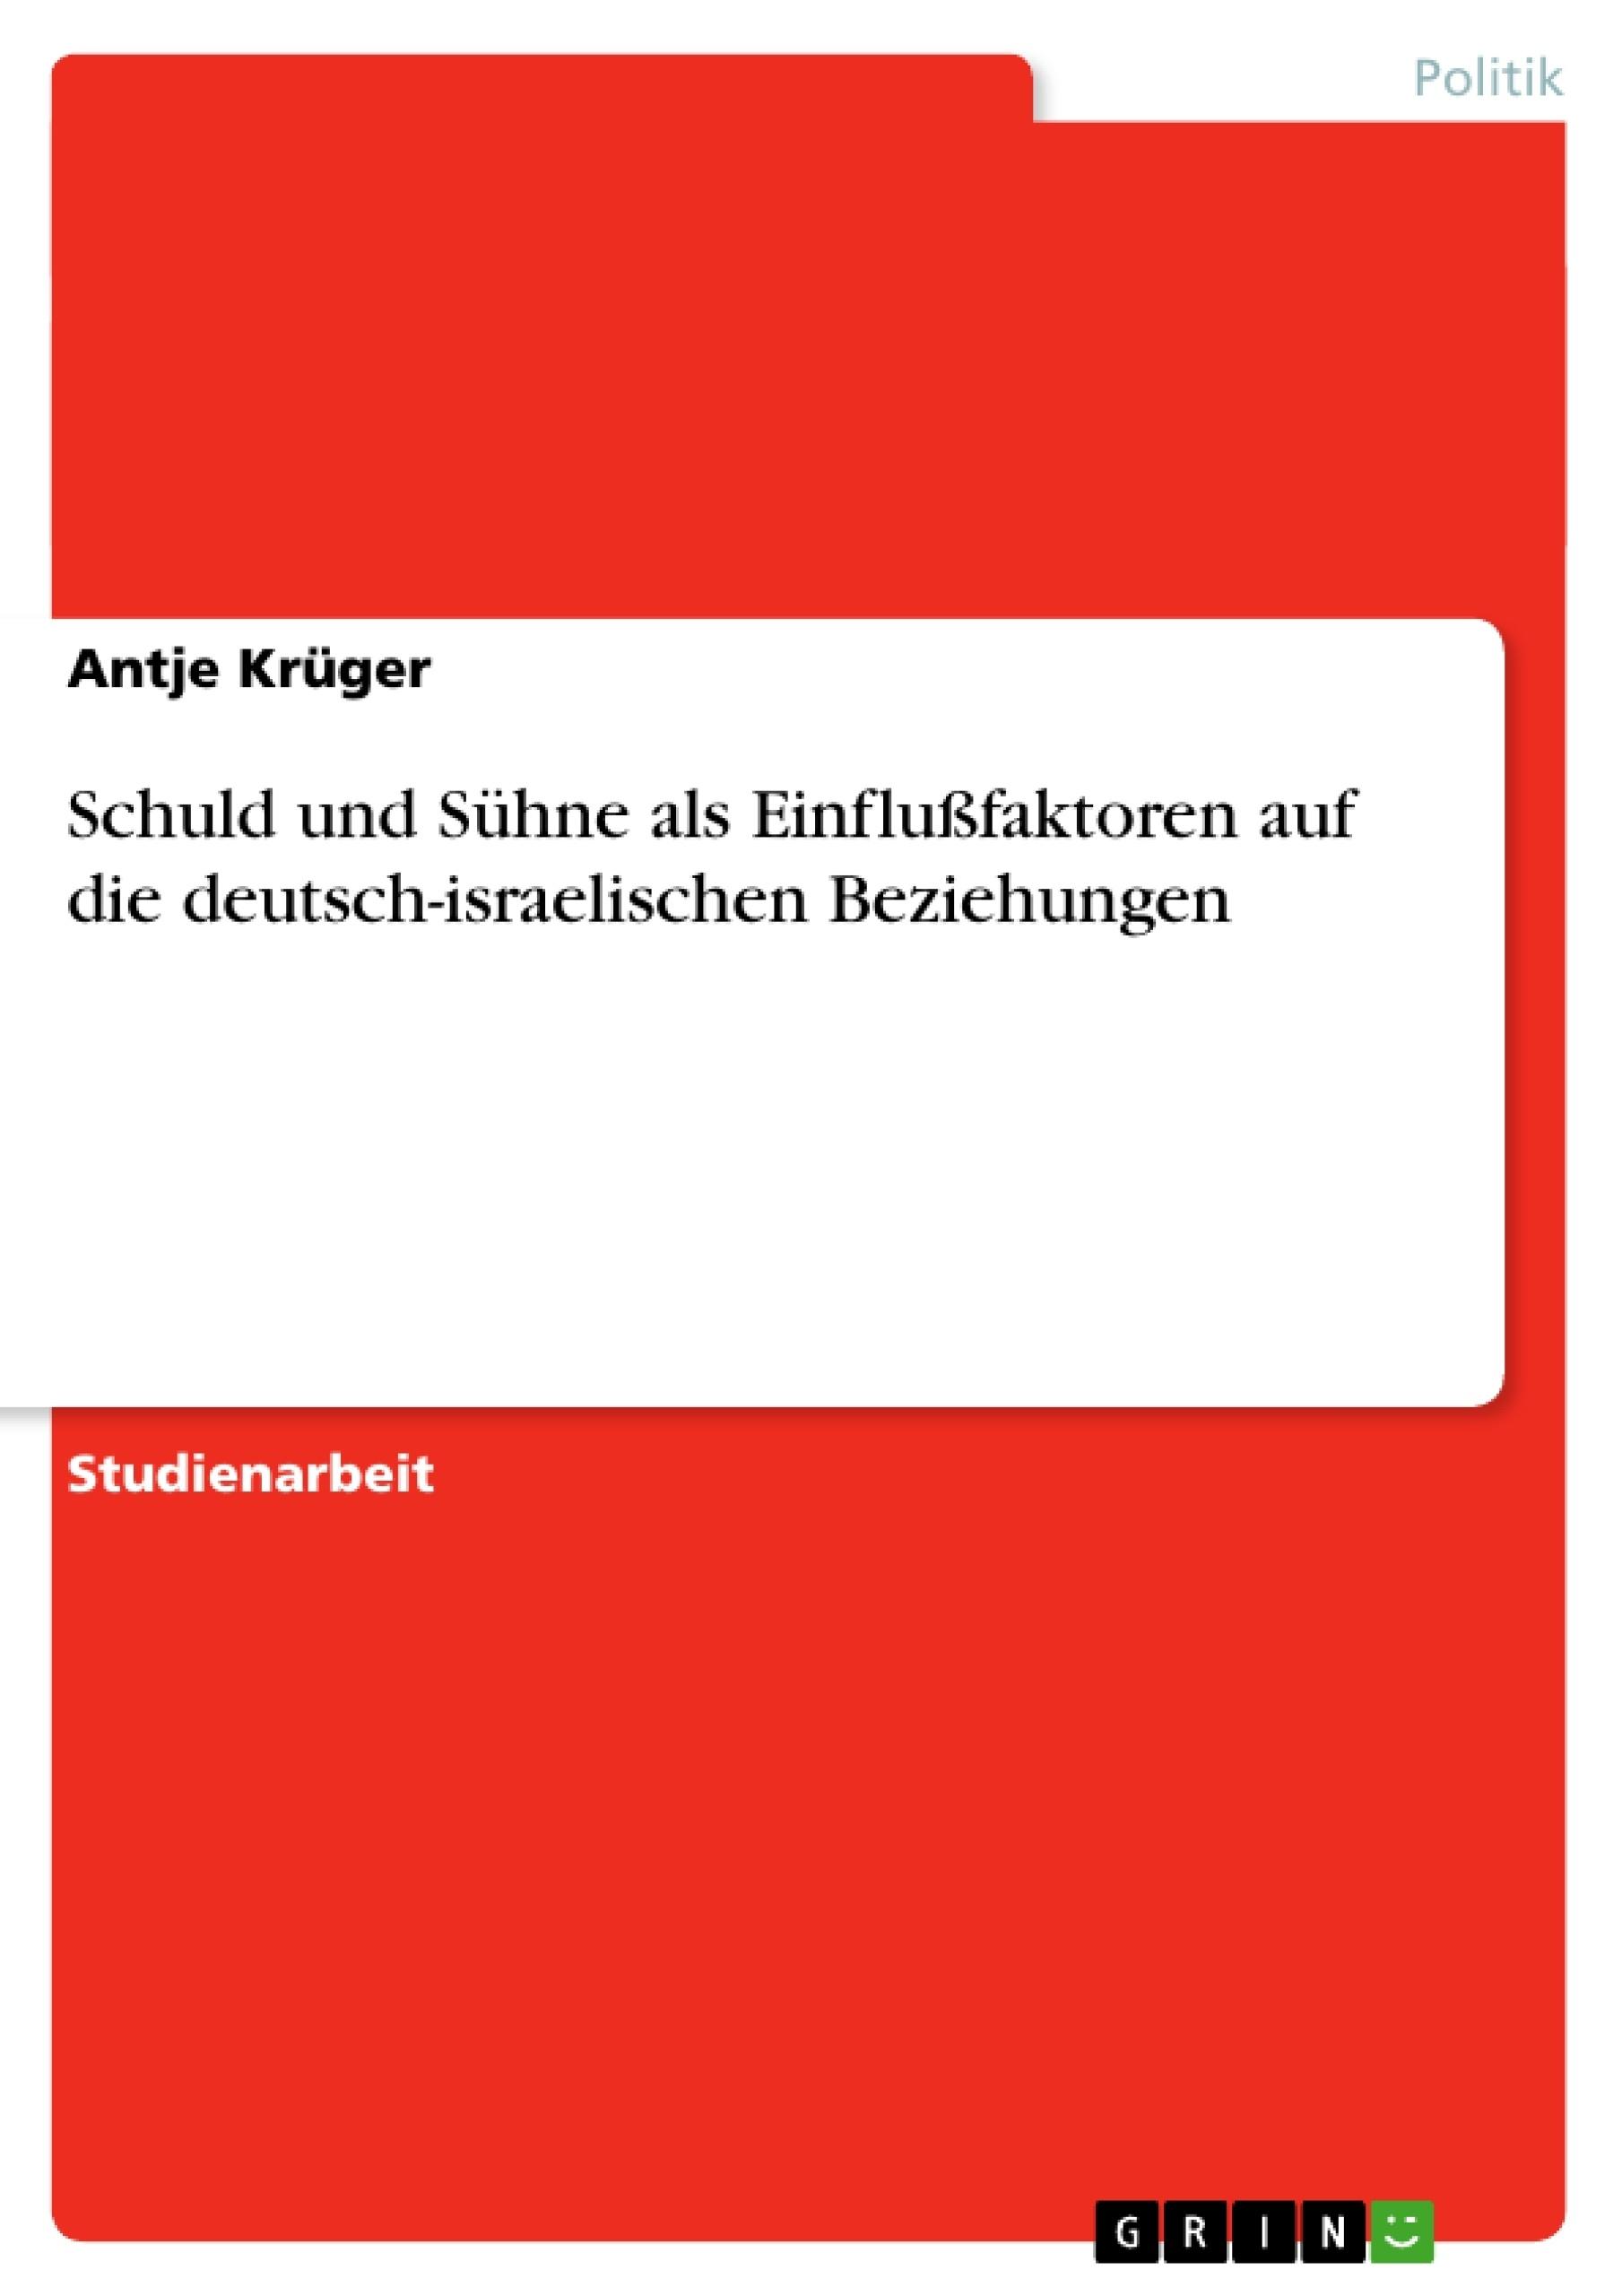 Titel: Schuld und Sühne als Einflußfaktoren auf die deutsch-israelischen Beziehungen